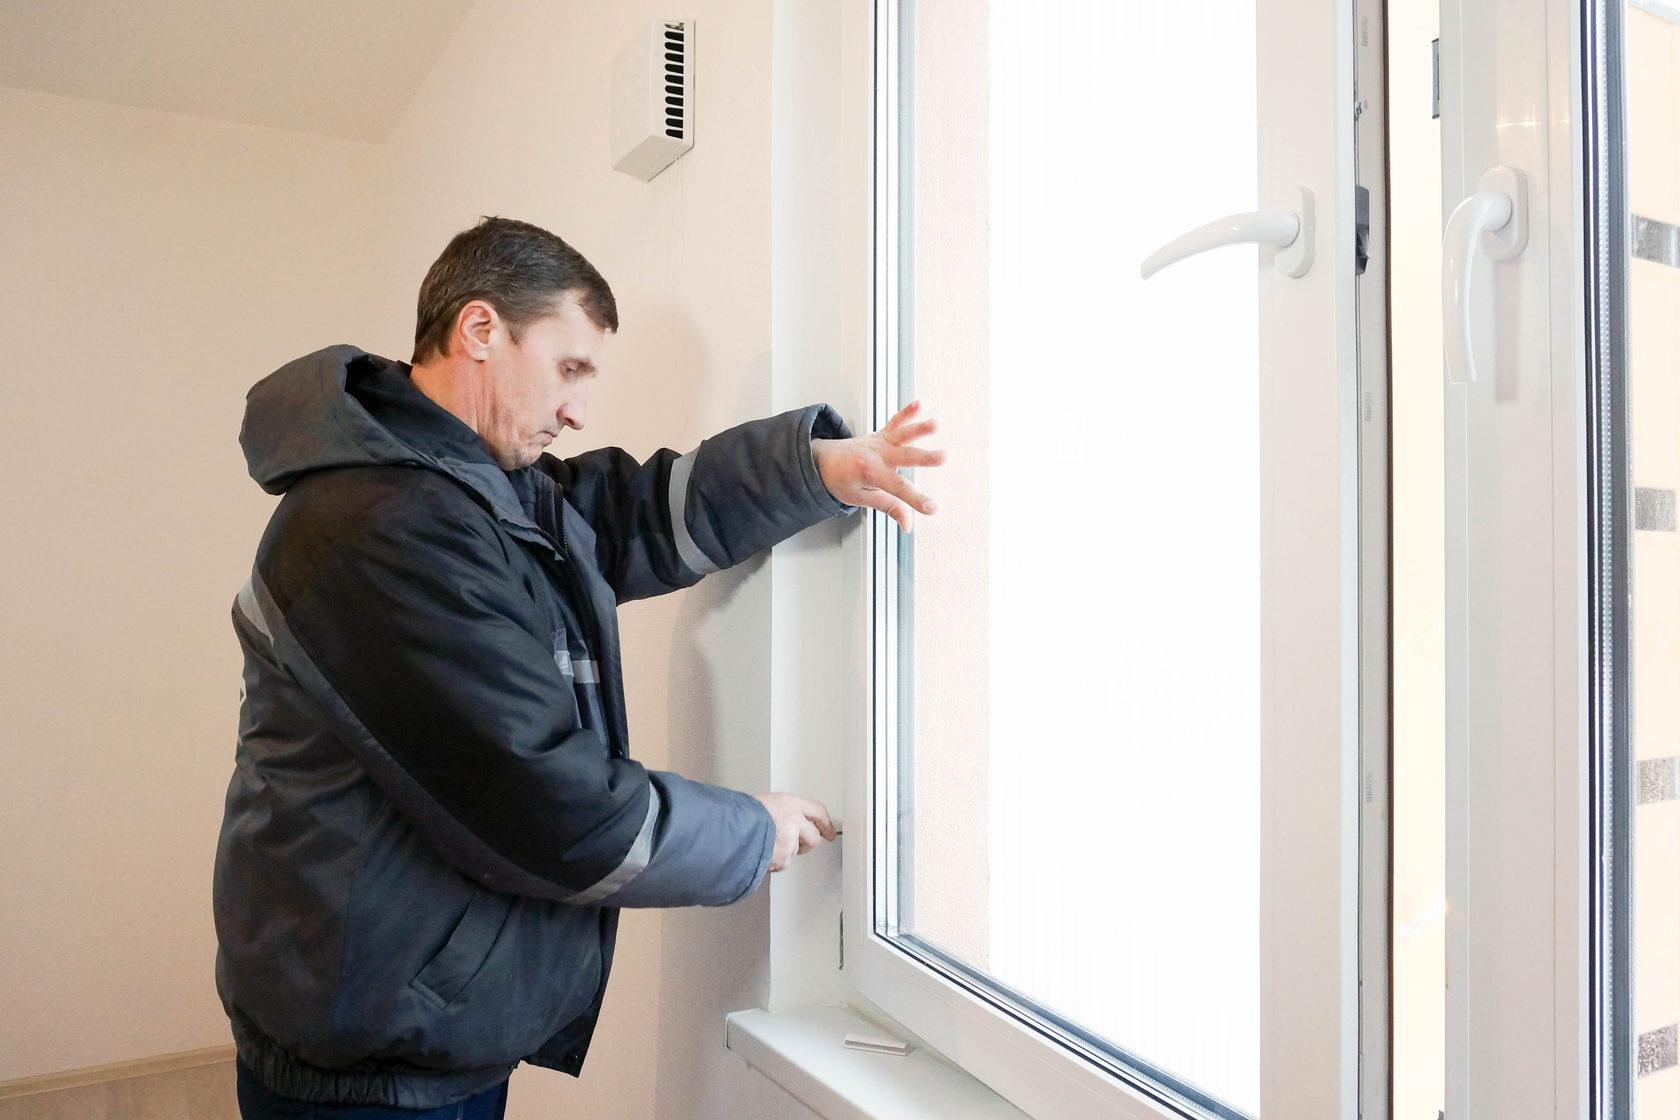 Группа ЛСР, как принять квартиру, как принять квартиру в новостройке, ЖК Шуваловский, ЛСР. Недвижимость – Северо-Запад